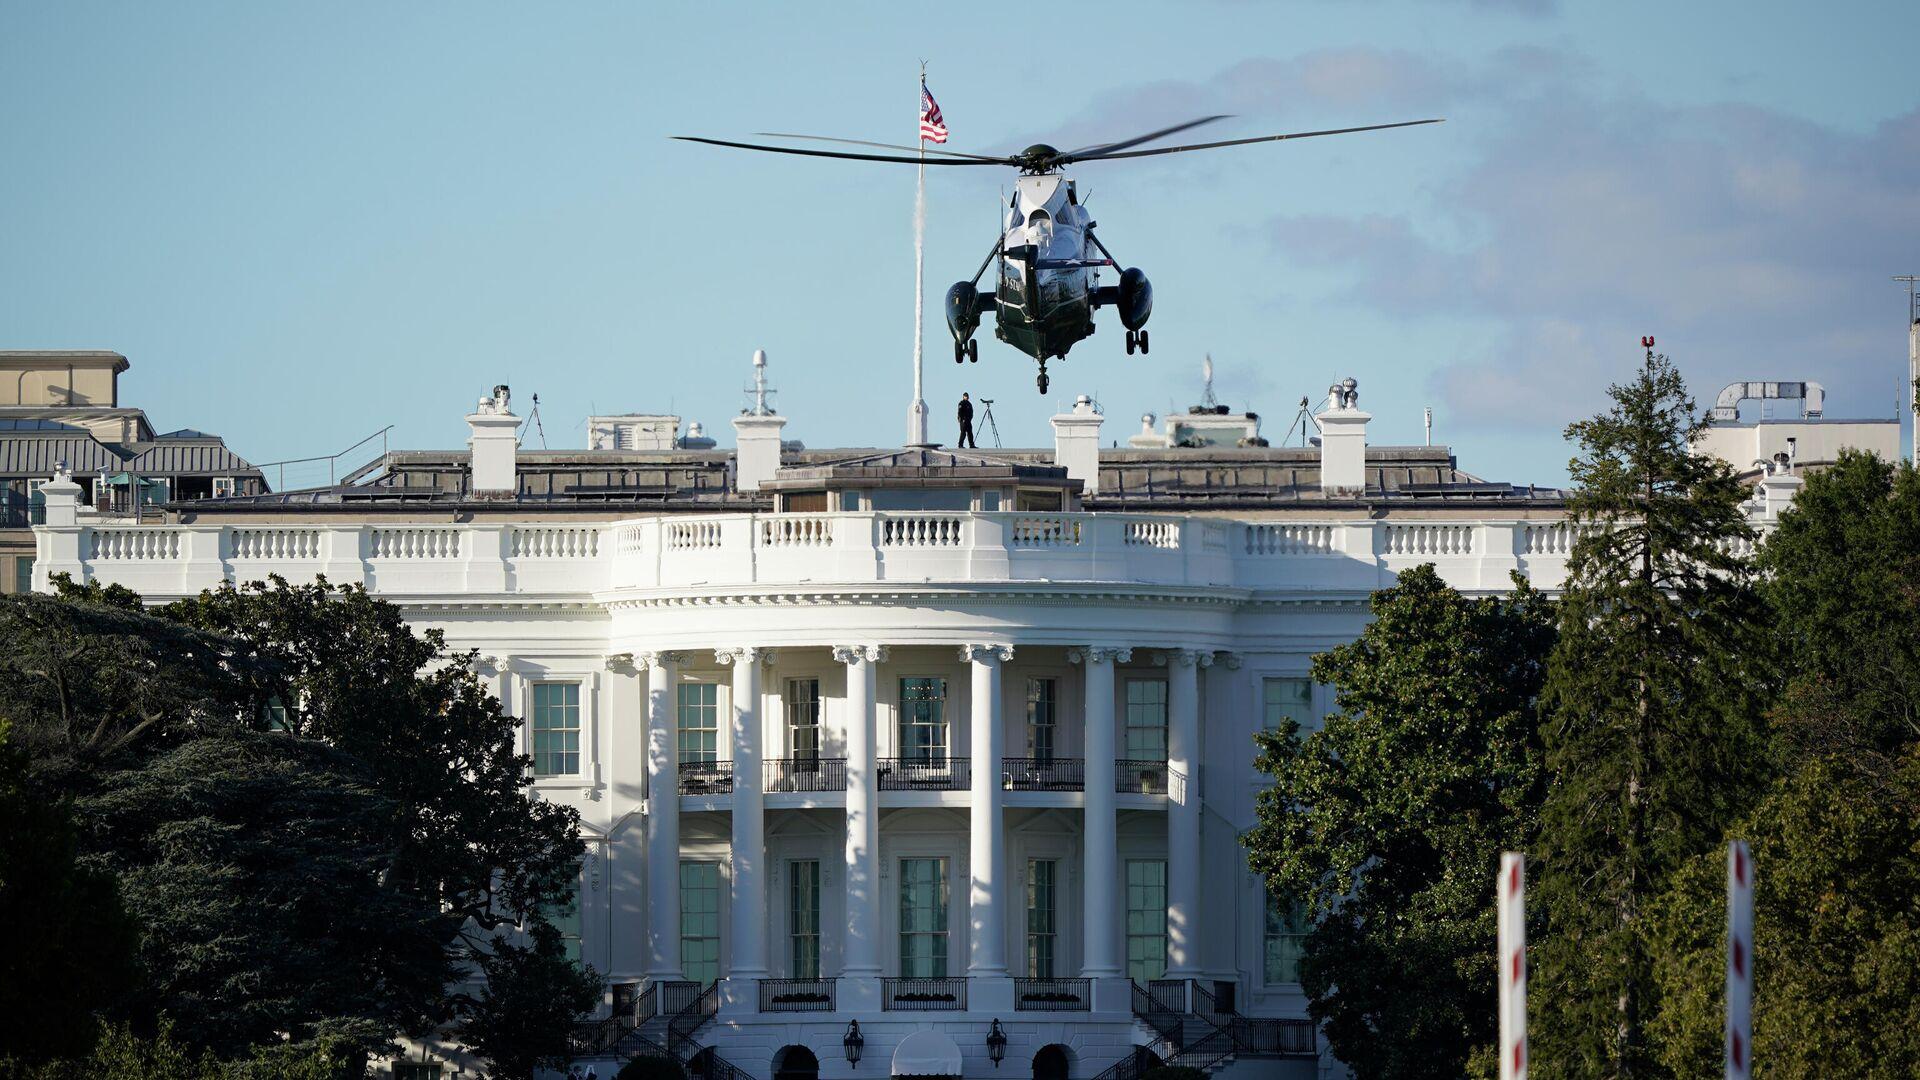 Un helicóptero aterriza sobre el césped de la Casa Blanca - Sputnik Mundo, 1920, 06.03.2021